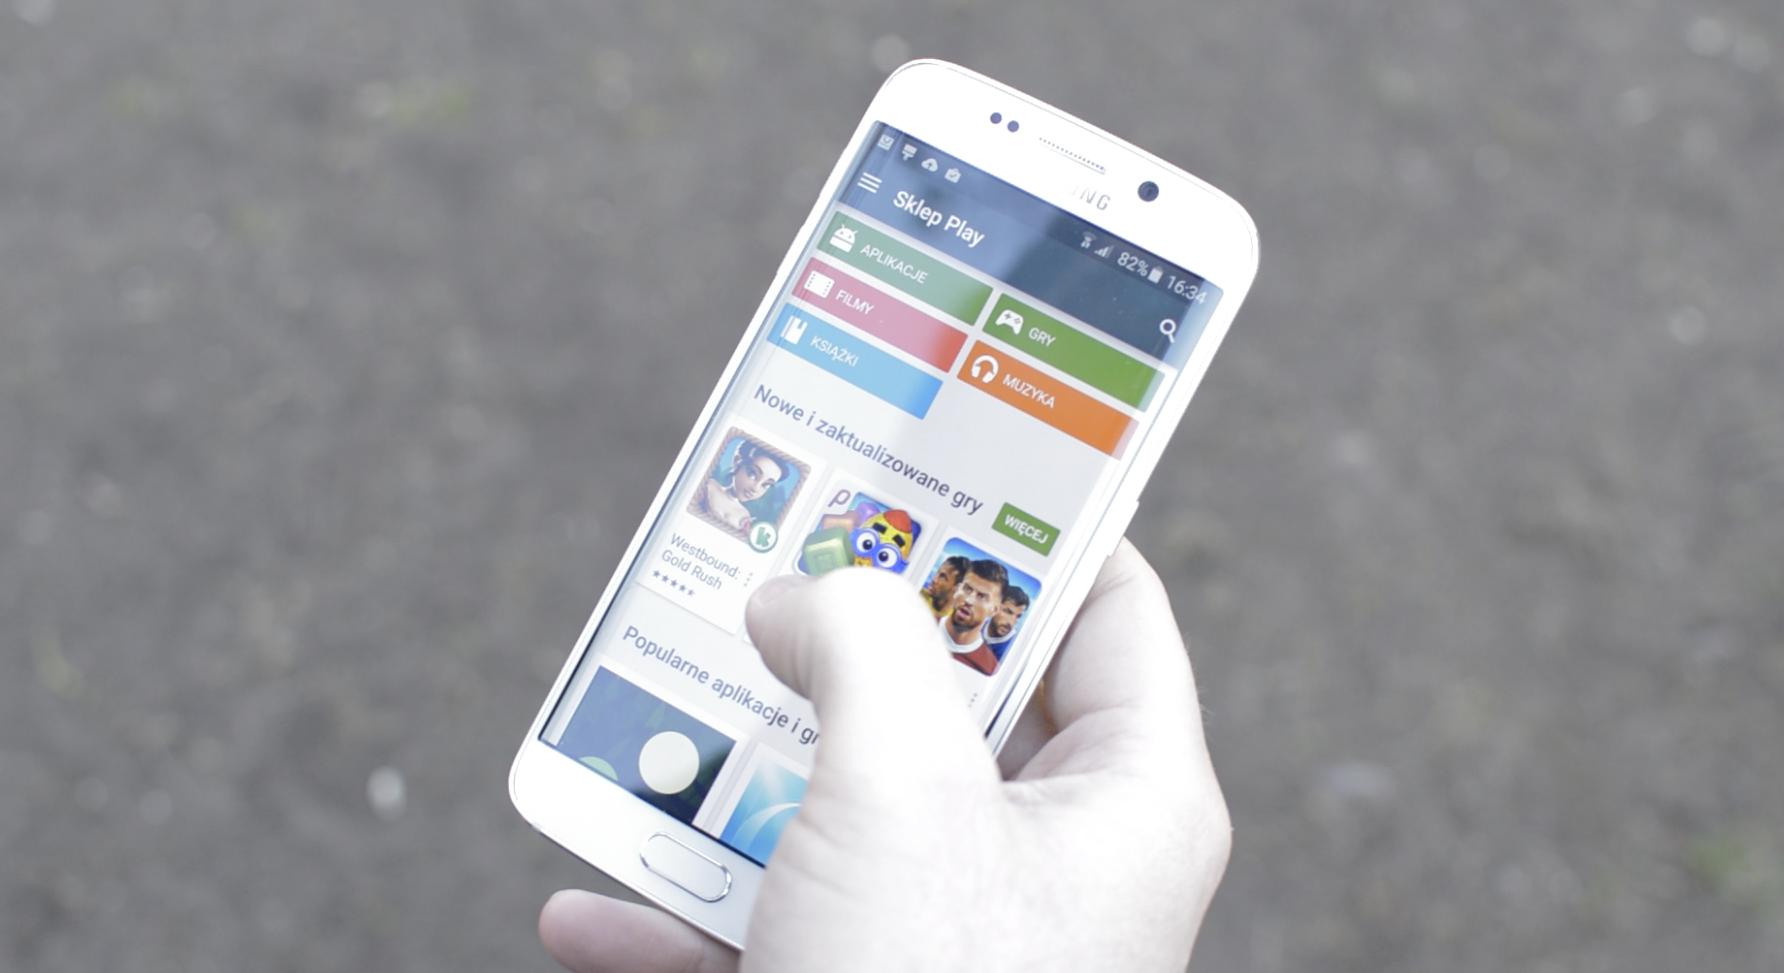 Kupisz samochód czy smartfon? Samsung Galaxy S6 Edge – wideo recenzja Spider's Web